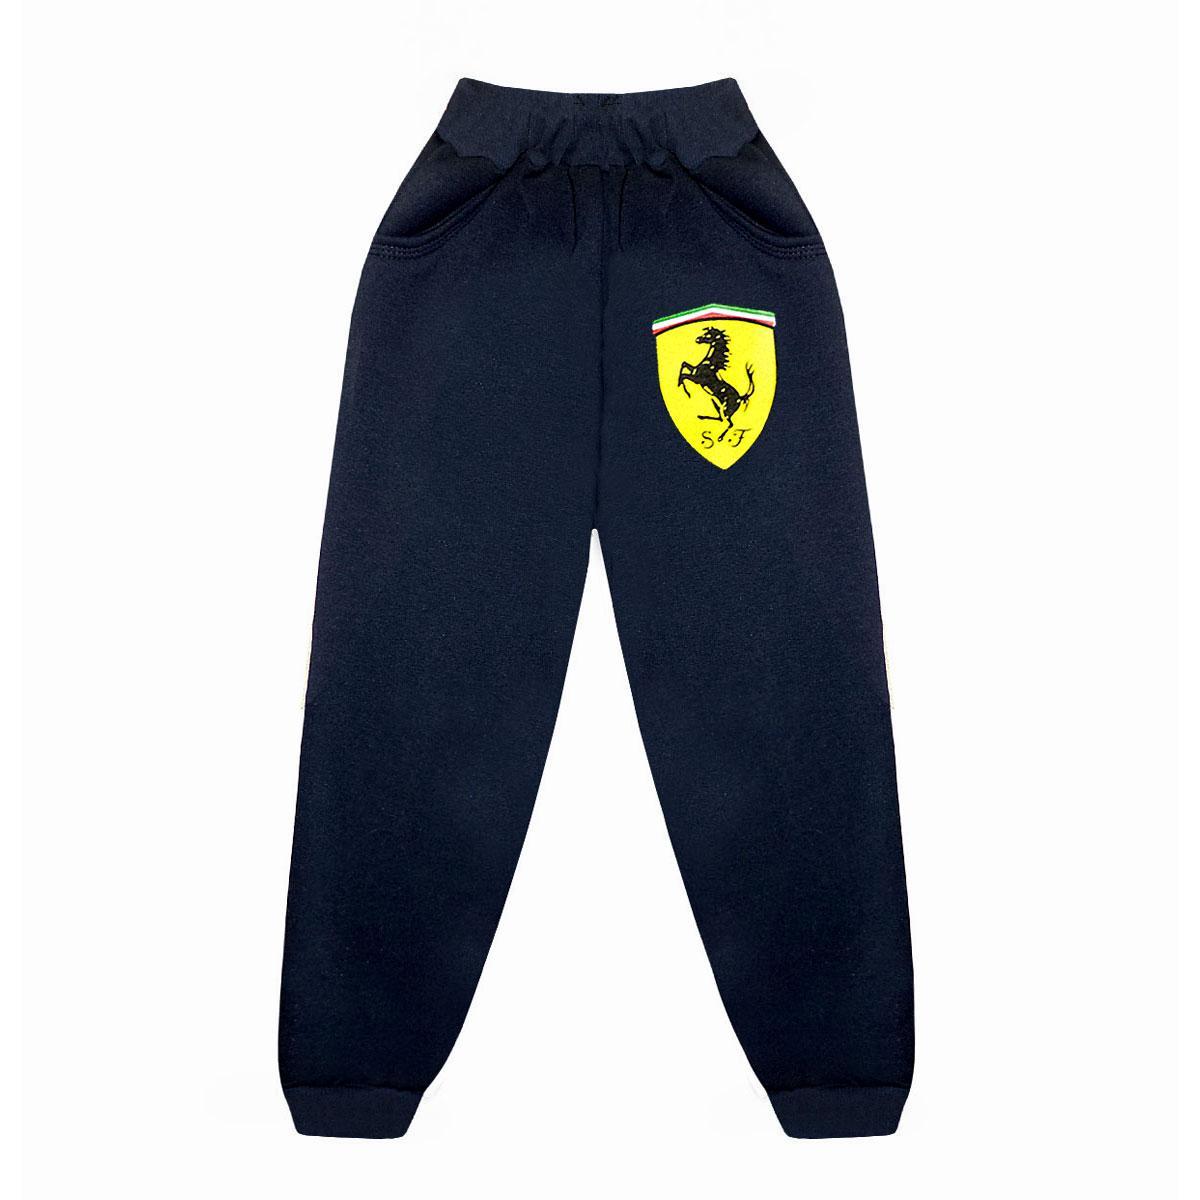 Спортивные штаны подростковые с принтом Феррари для мальчика трехнитка-начес